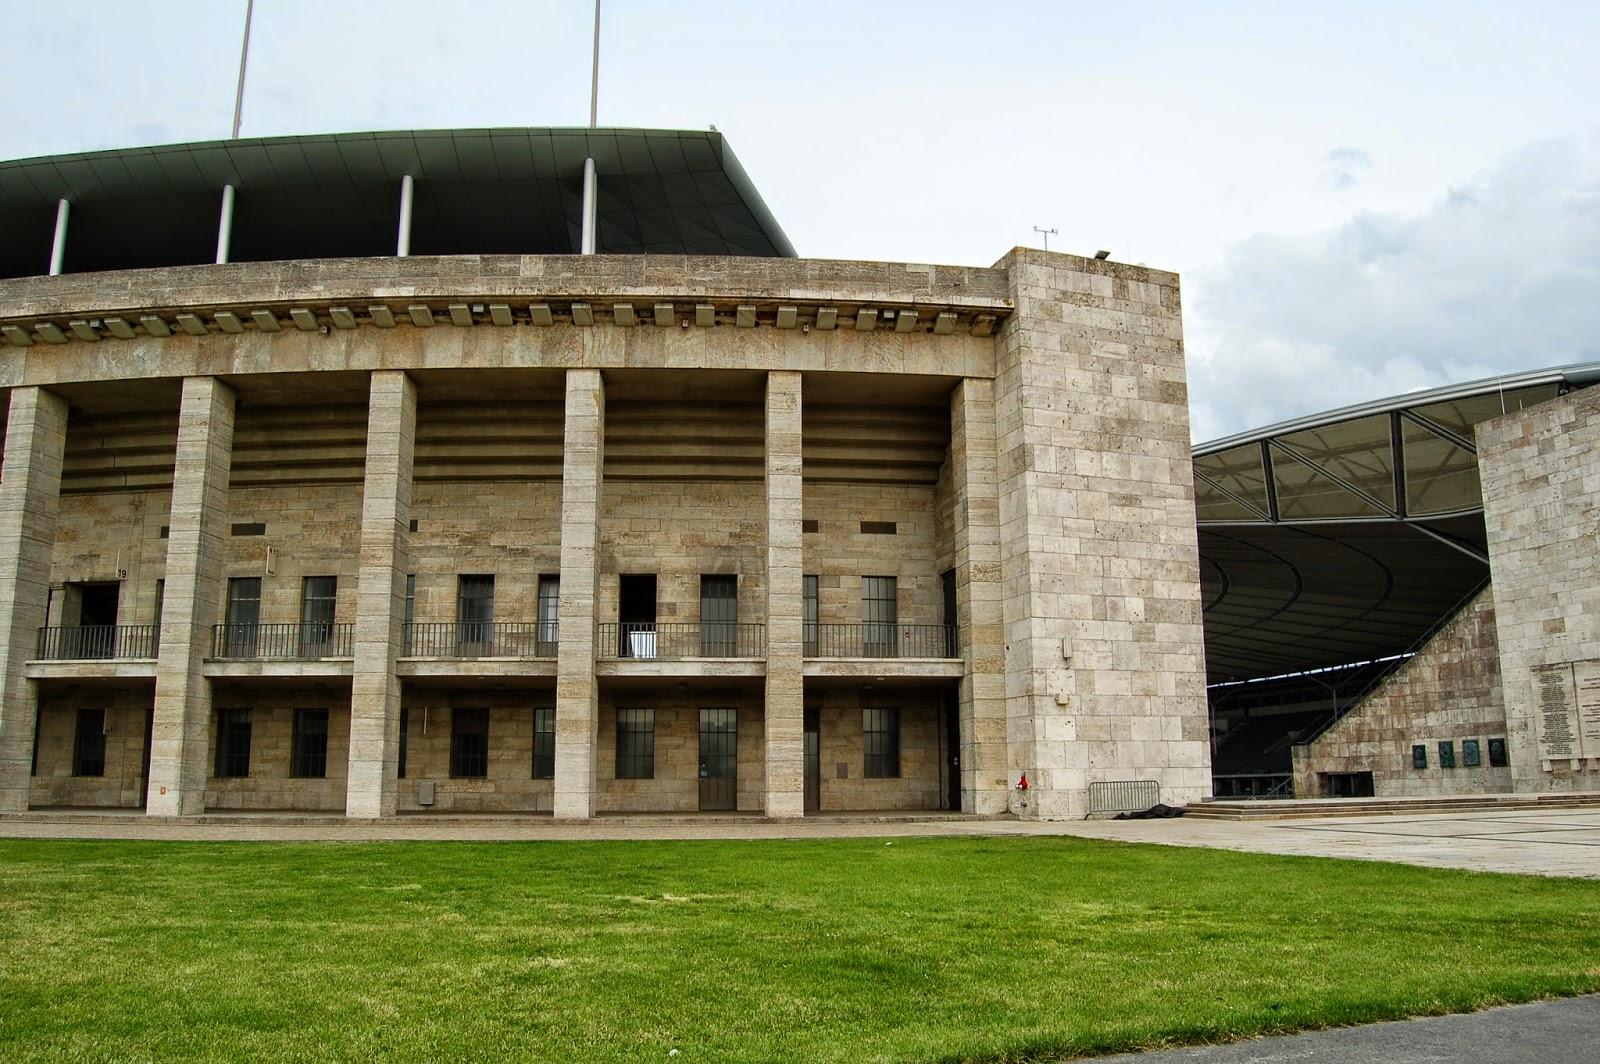 Stadion olimpijski w Berlinie, widok z zewnątrz